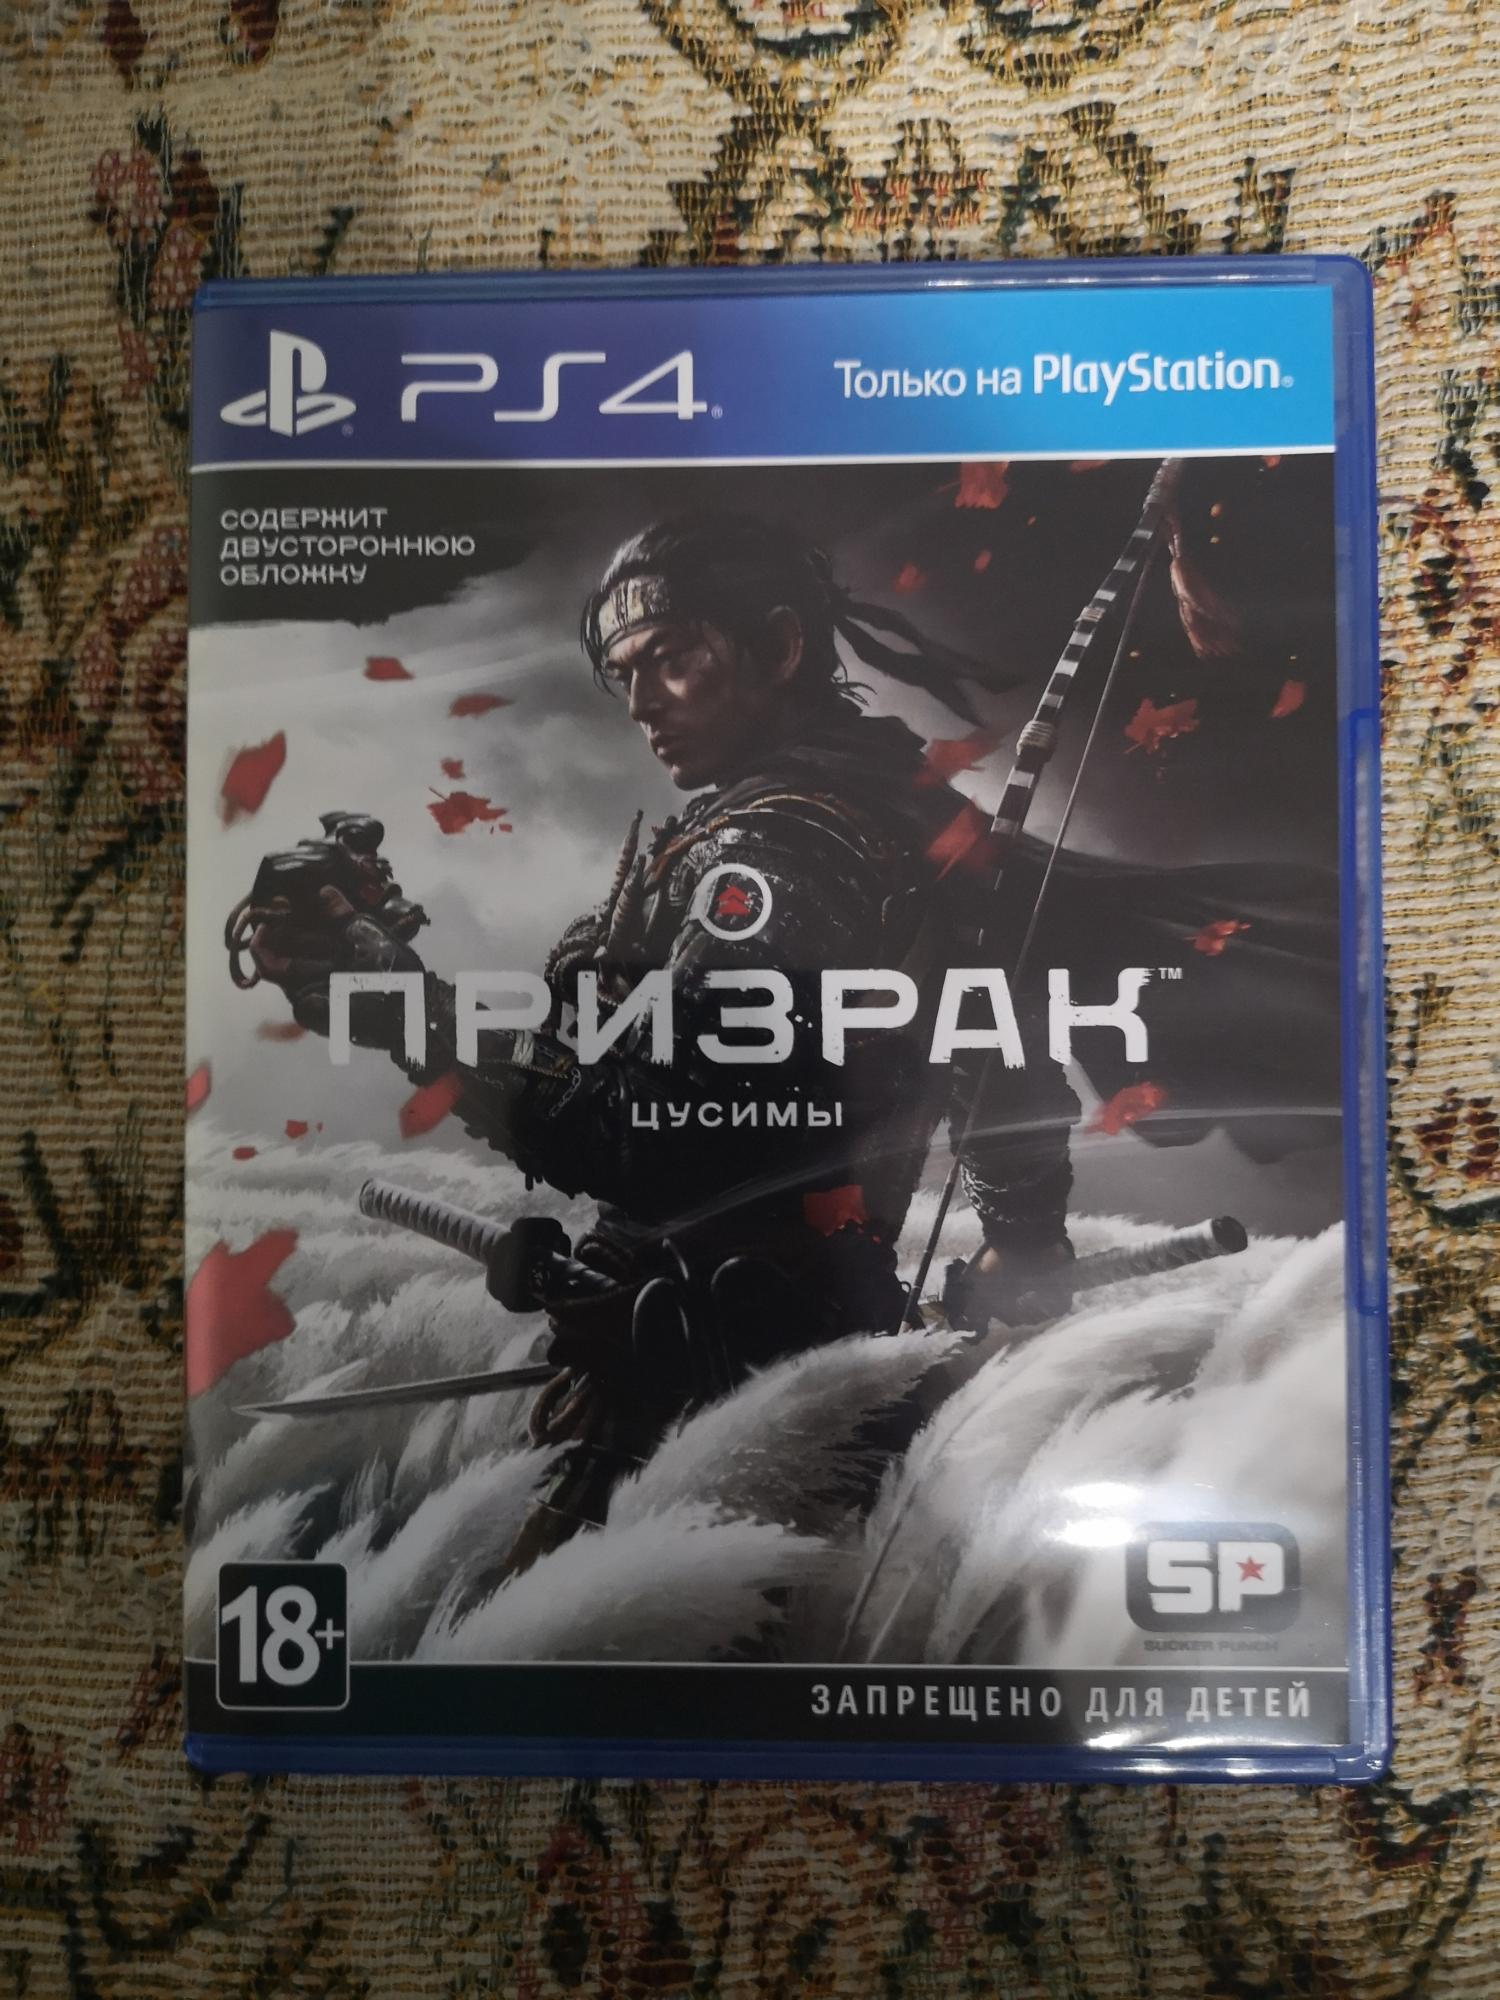 Призрак цусимы ghost of tsushima ps4 в Москве 89653802711 купить 1